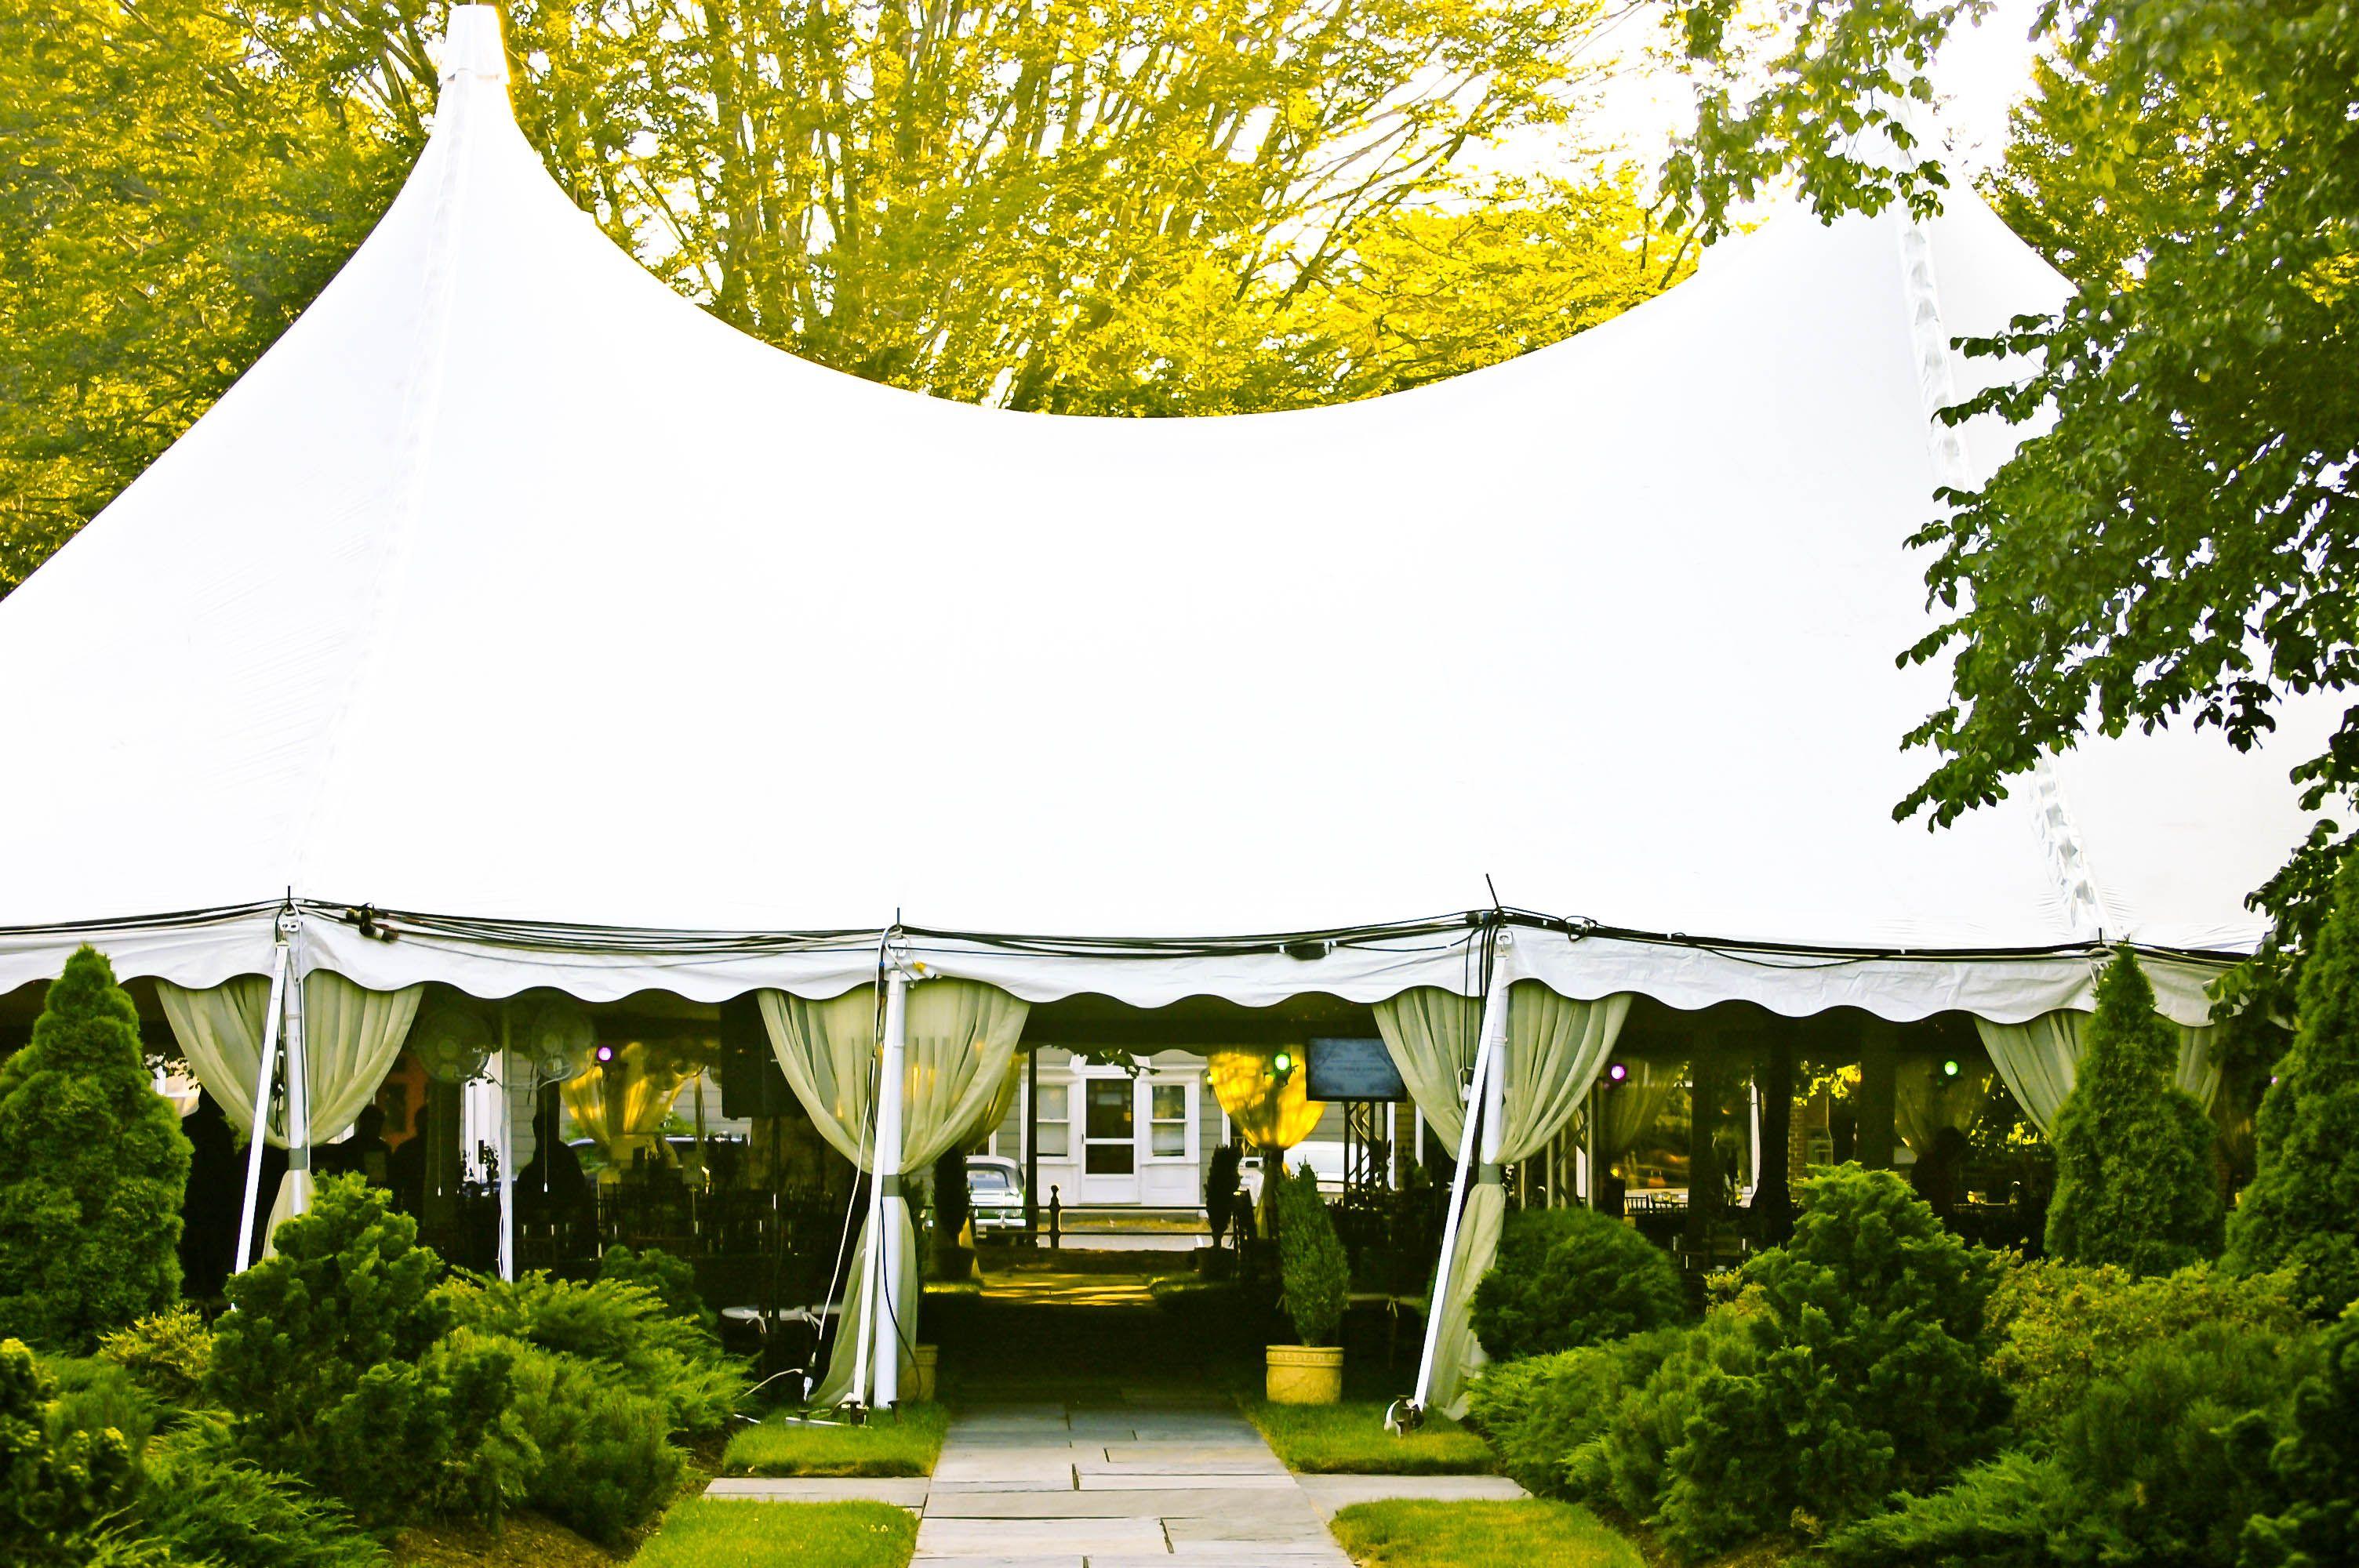 Tent Newport Tent Company .newporttent.com Venue Redwood Library & Tent: Newport Tent Company www.newporttent.com Venue: Redwood ...